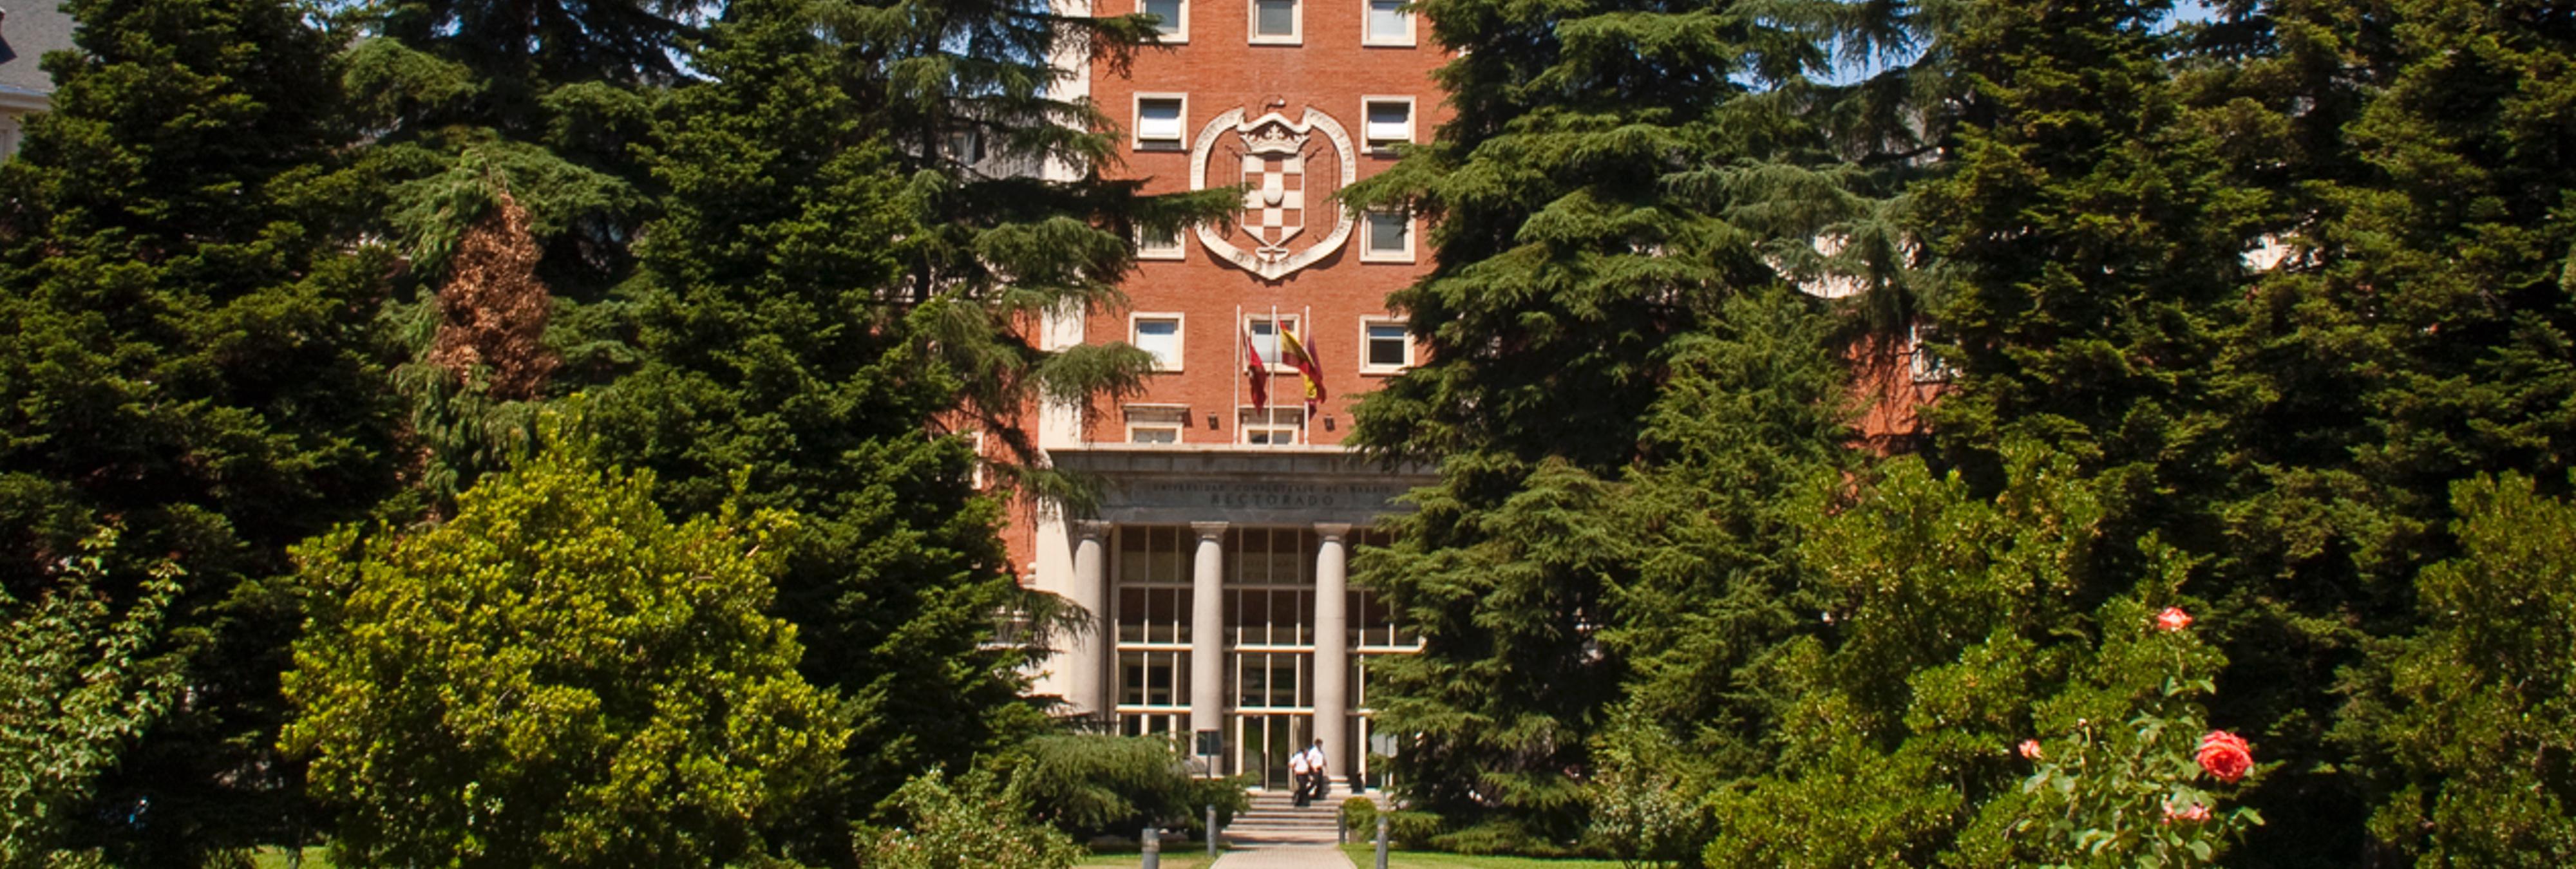 Suspenden 14 meses de empleo y sueldo al profesor de la UCM acusado de acosar a alumnas